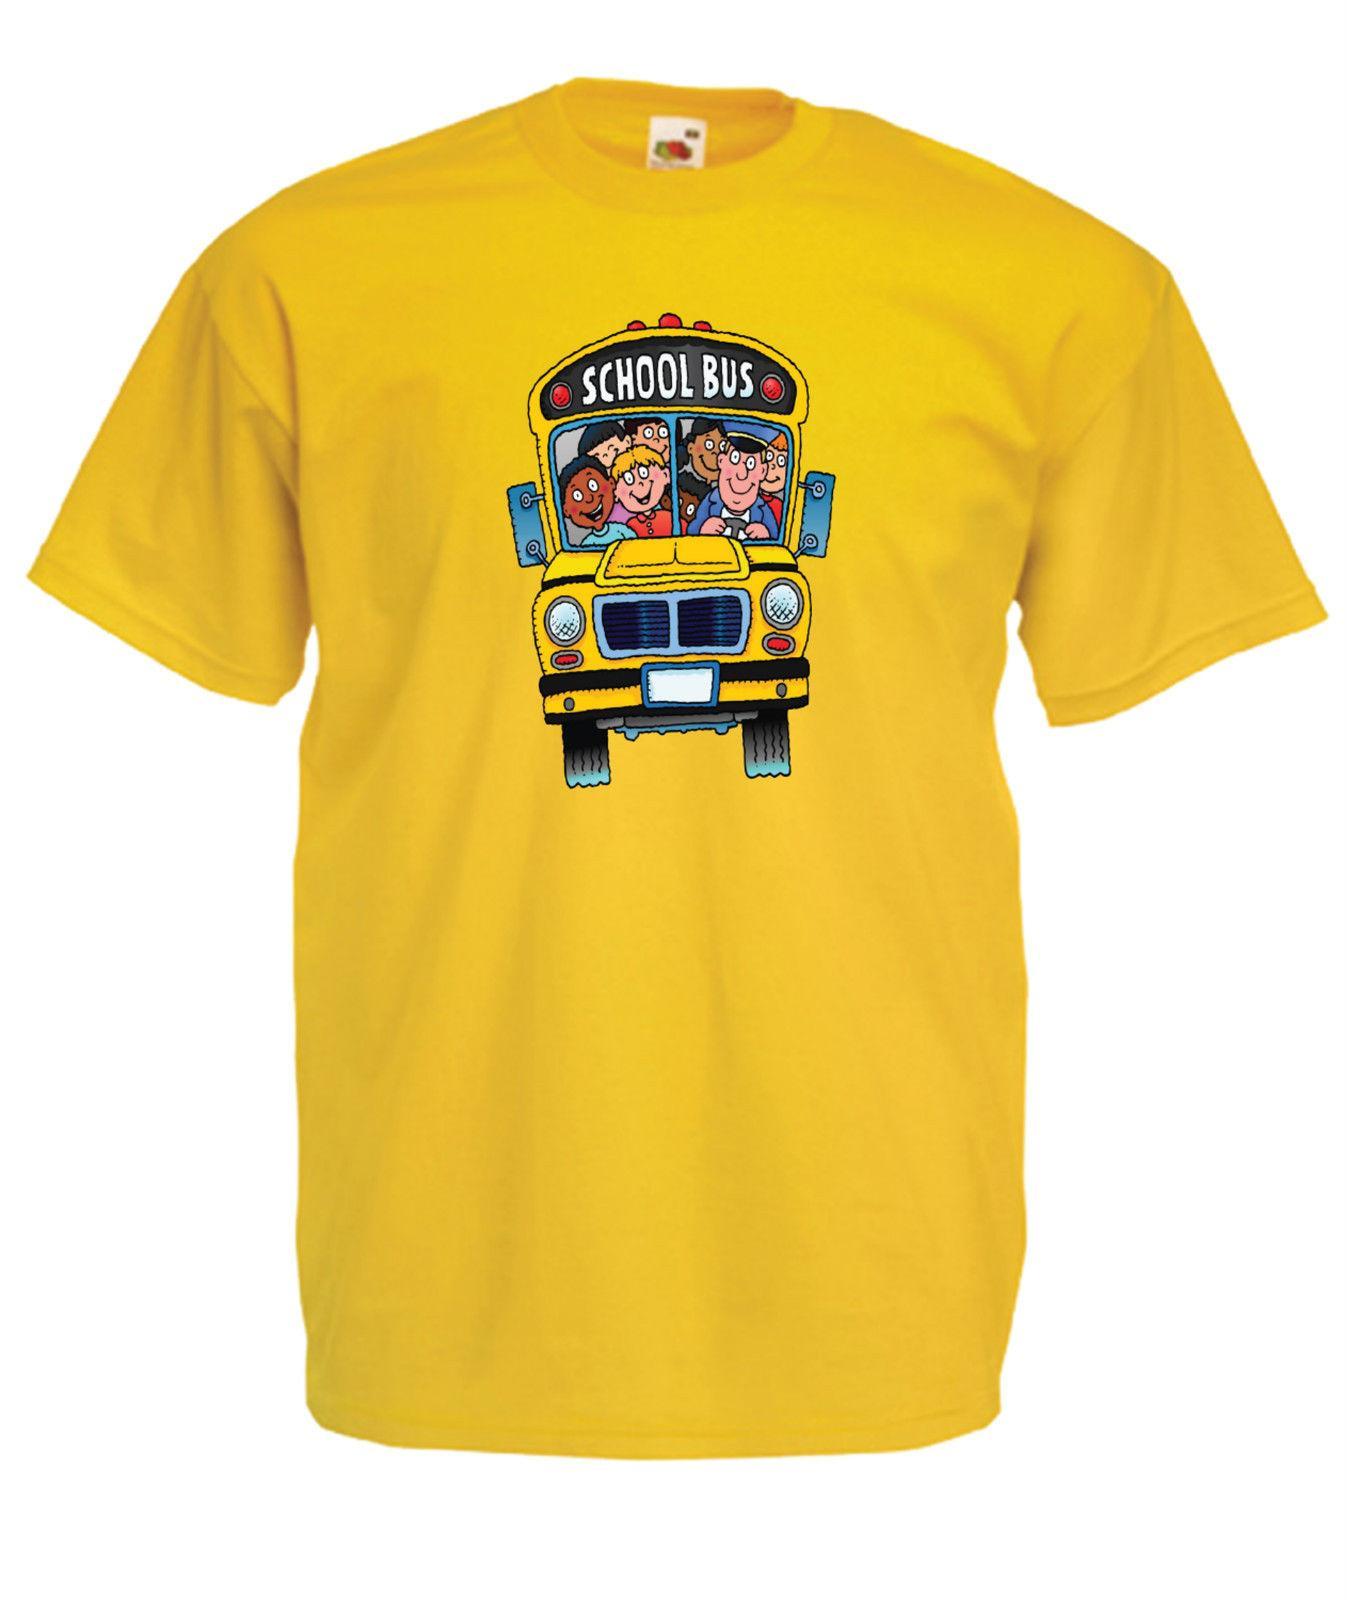 Scuola Bus Divertente Festa Di Compleanno Di Natale Regalo Presente Tee Uomo Donna T Shirt Top Divertente Spedizione Gratuita Unisex Maglietta Casual